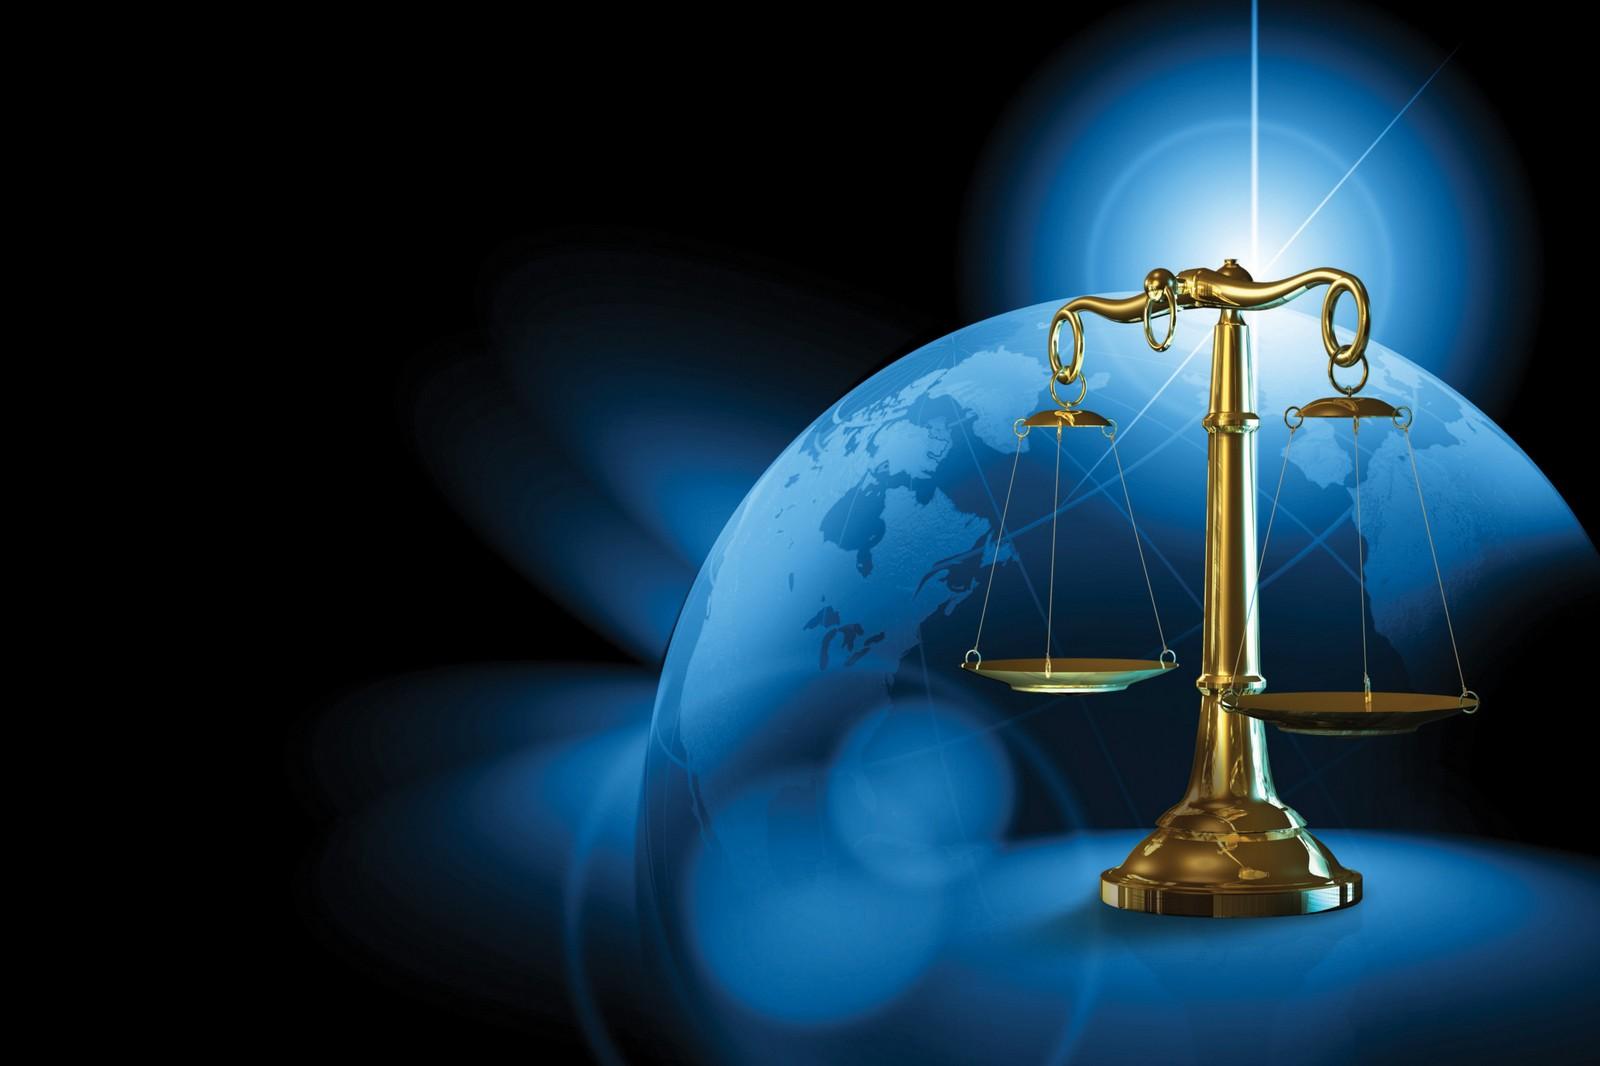 ¿Por qué se ha Retrasado el Profetizado Aviso a la Humanidad?